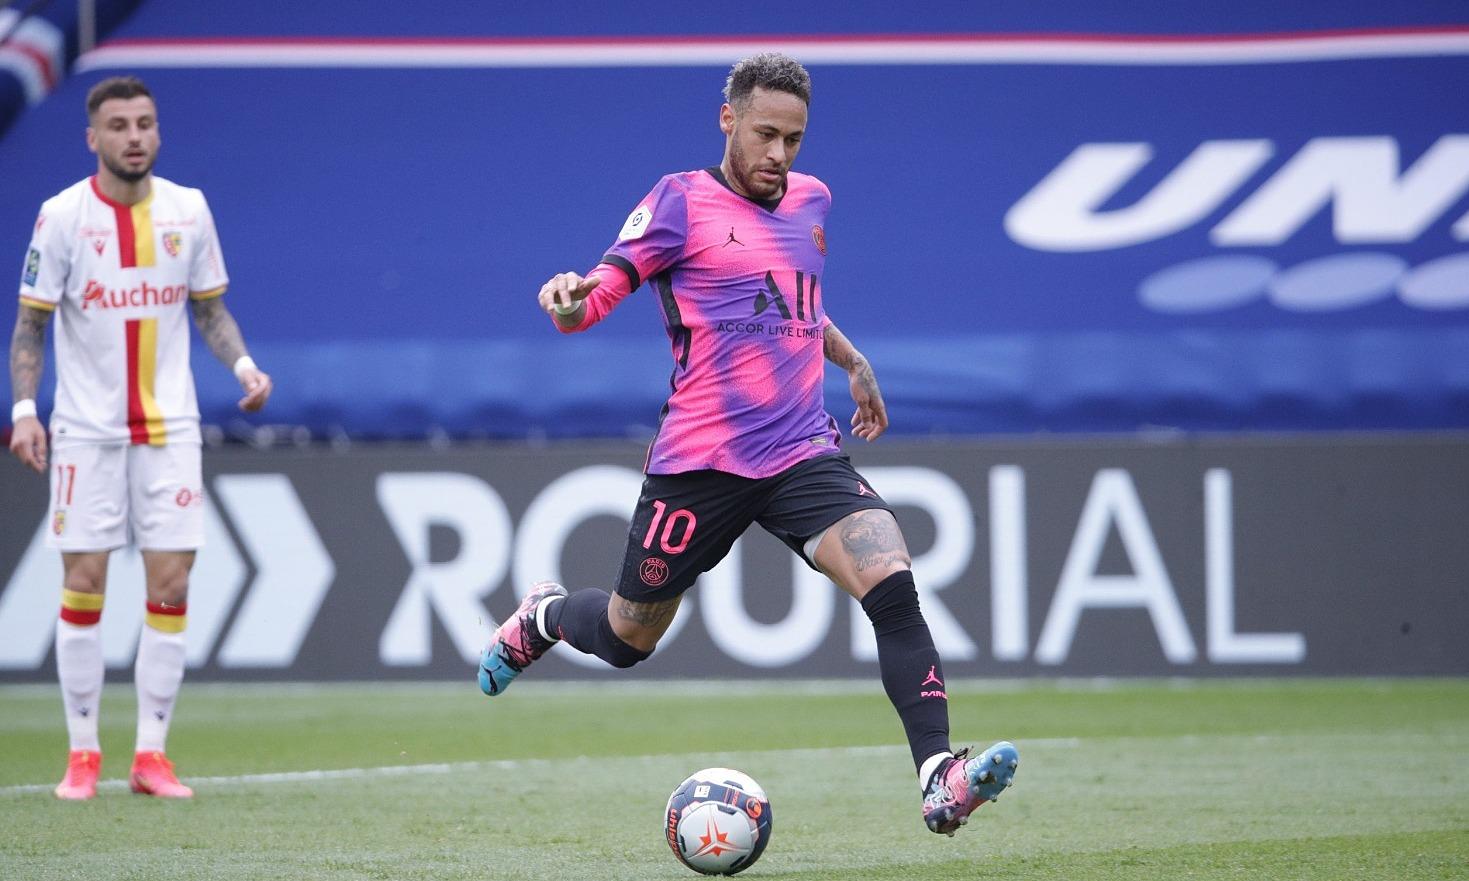 Neymar dalam situasi membuka skor bagi PSG.  Foto: Twitter / PSG